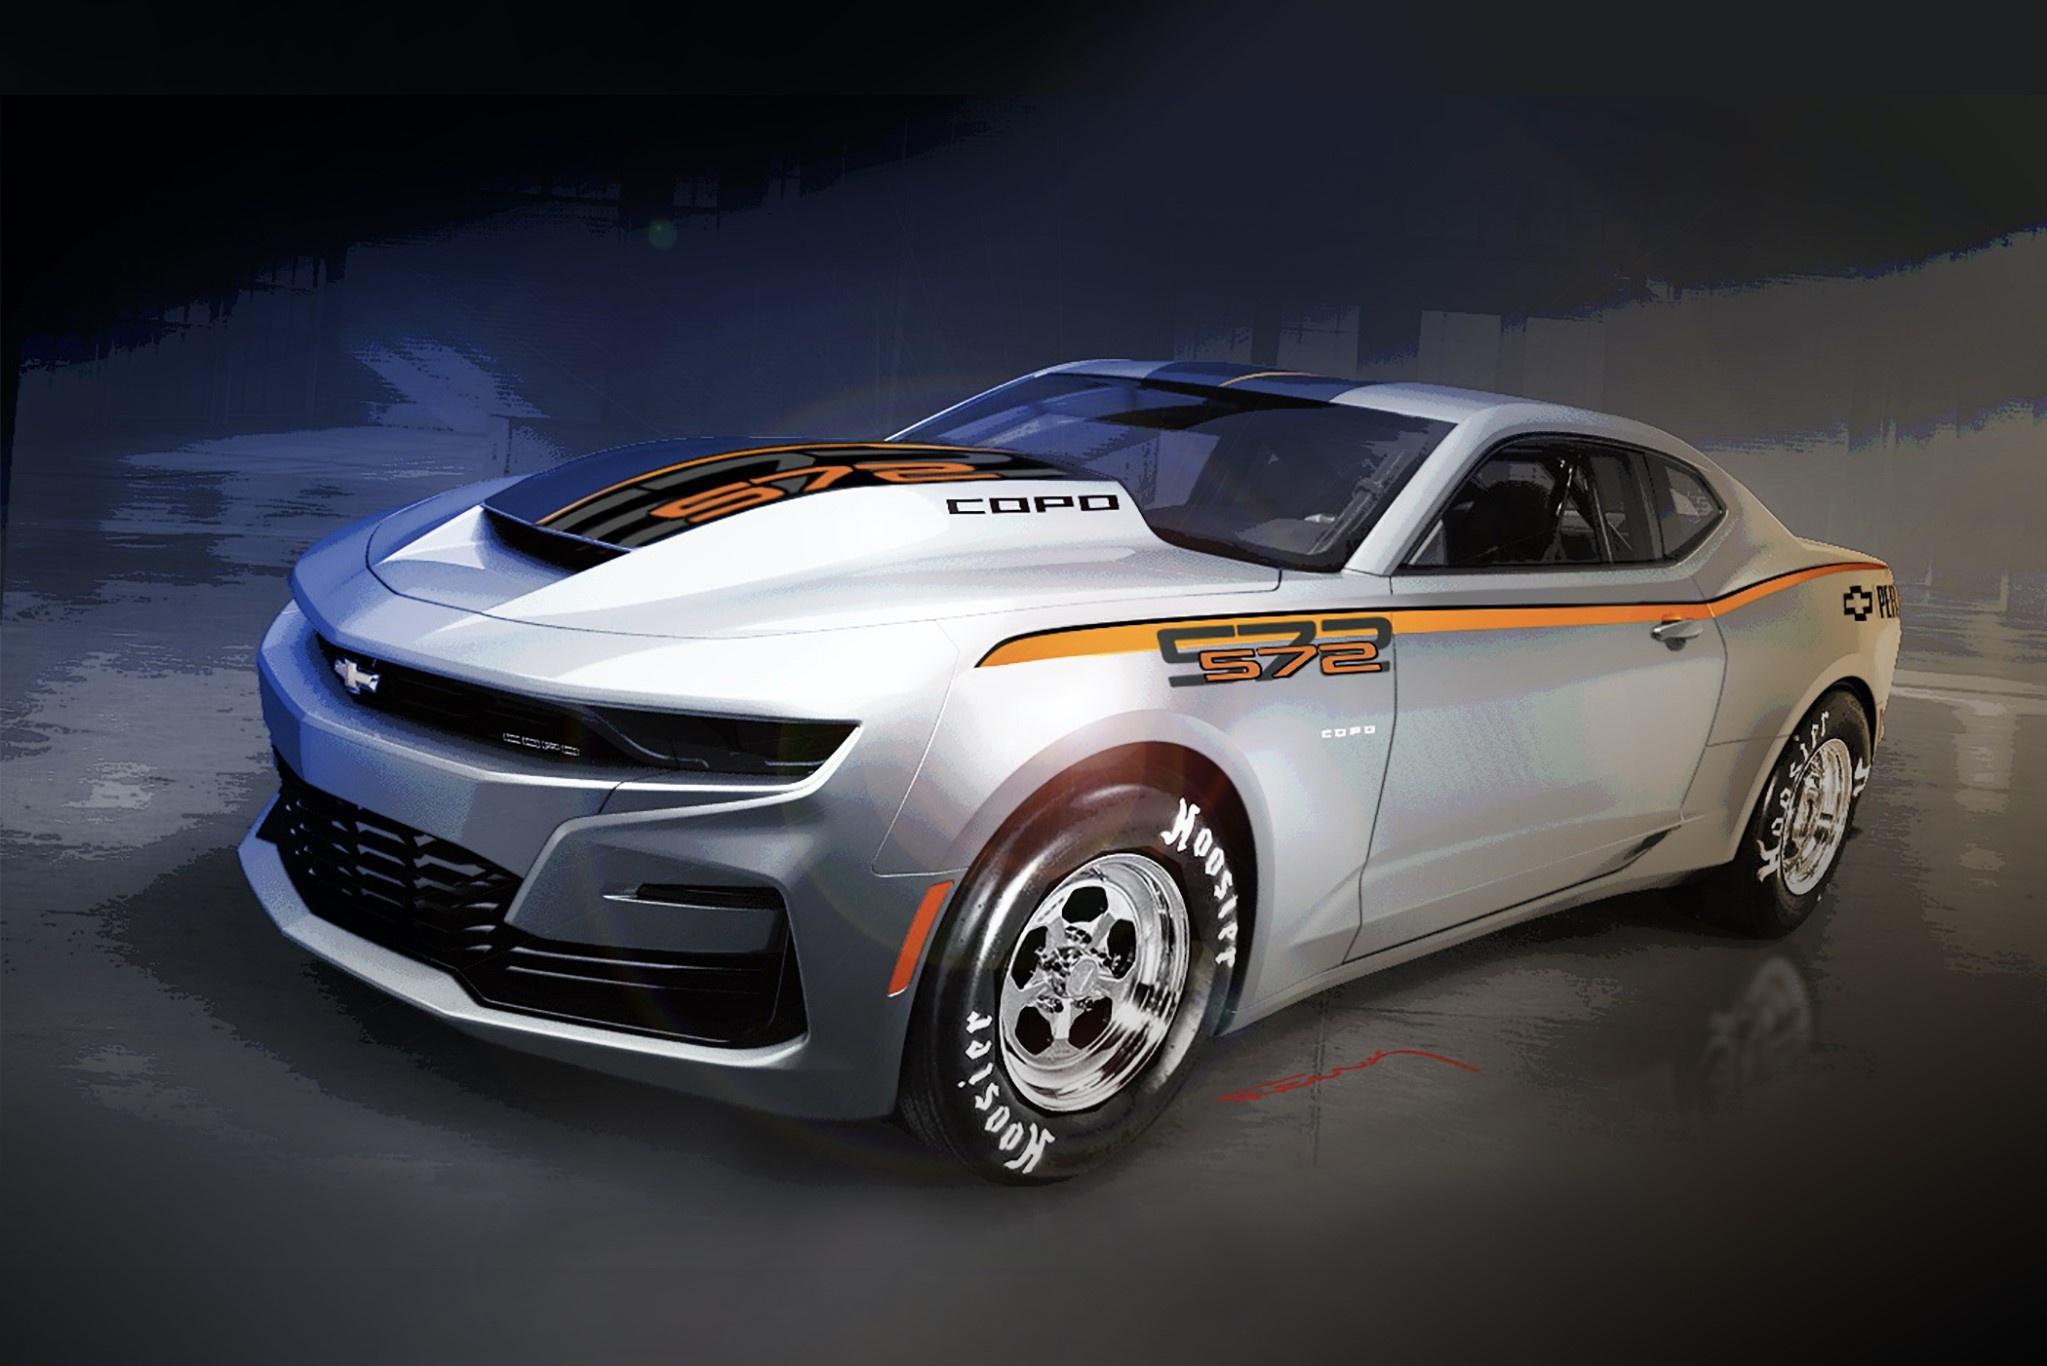 Chiếc Chevrolet Camaro cực mạnh với động cơ 9.4L